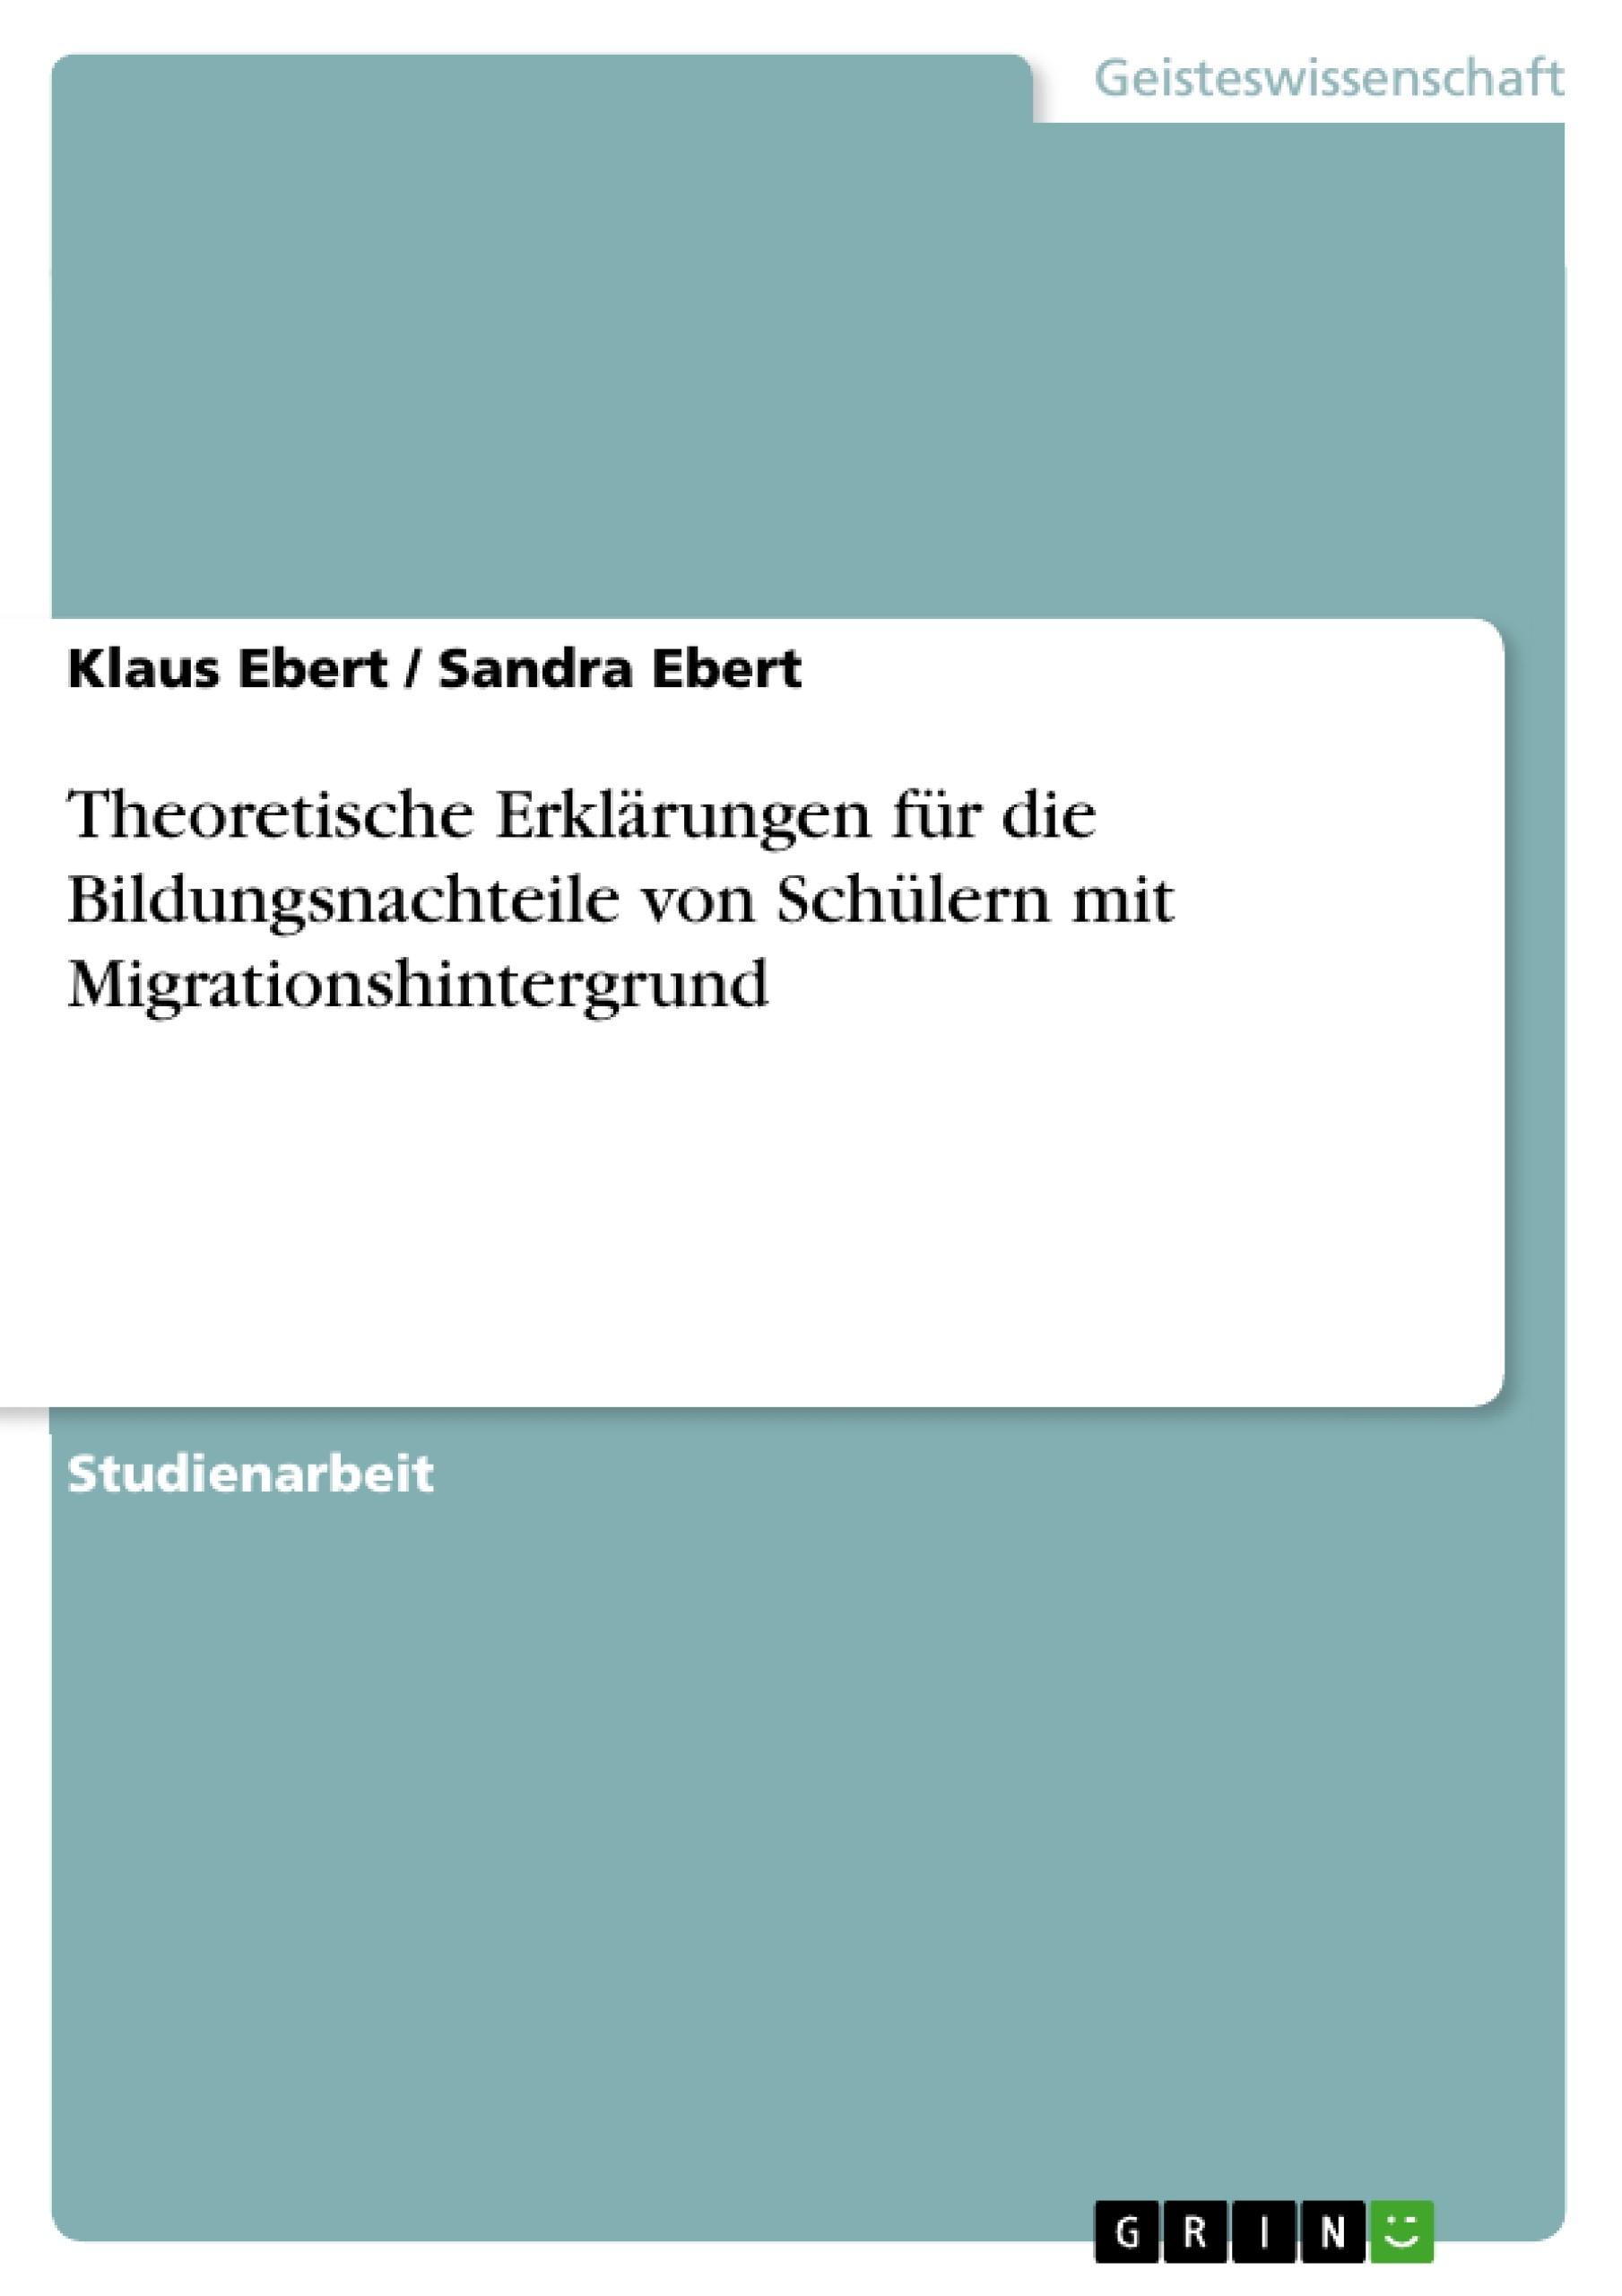 Titel: Theoretische Erklärungen für die Bildungsnachteile von Schülern mit Migrationshintergrund